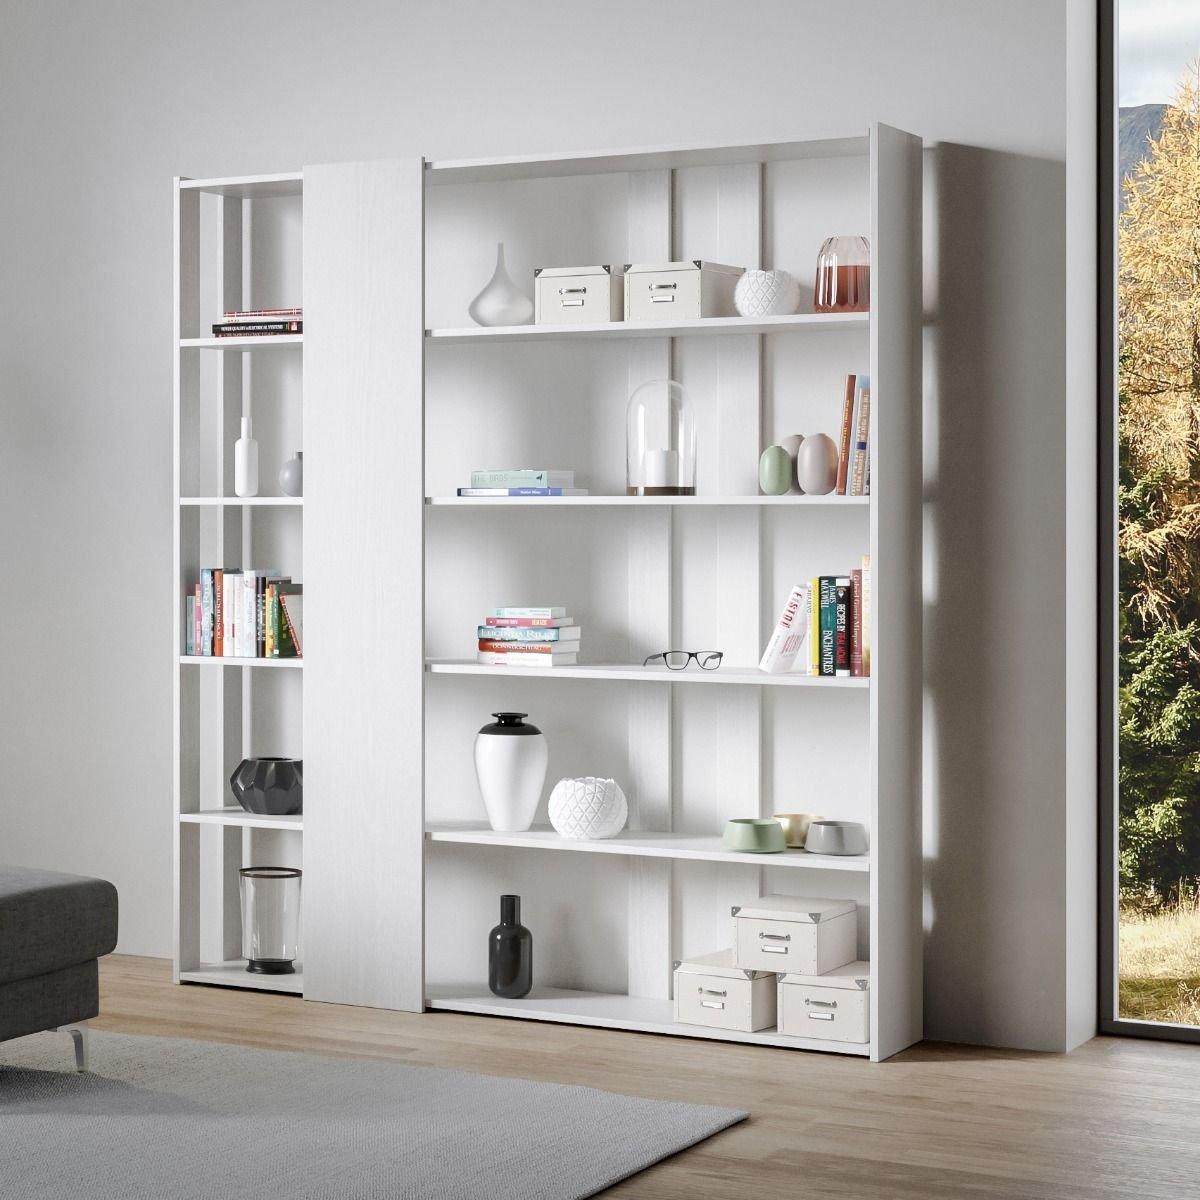 Itamoby Composizione Soggiorno Libreria A Parete Kato D Bianco Frassino